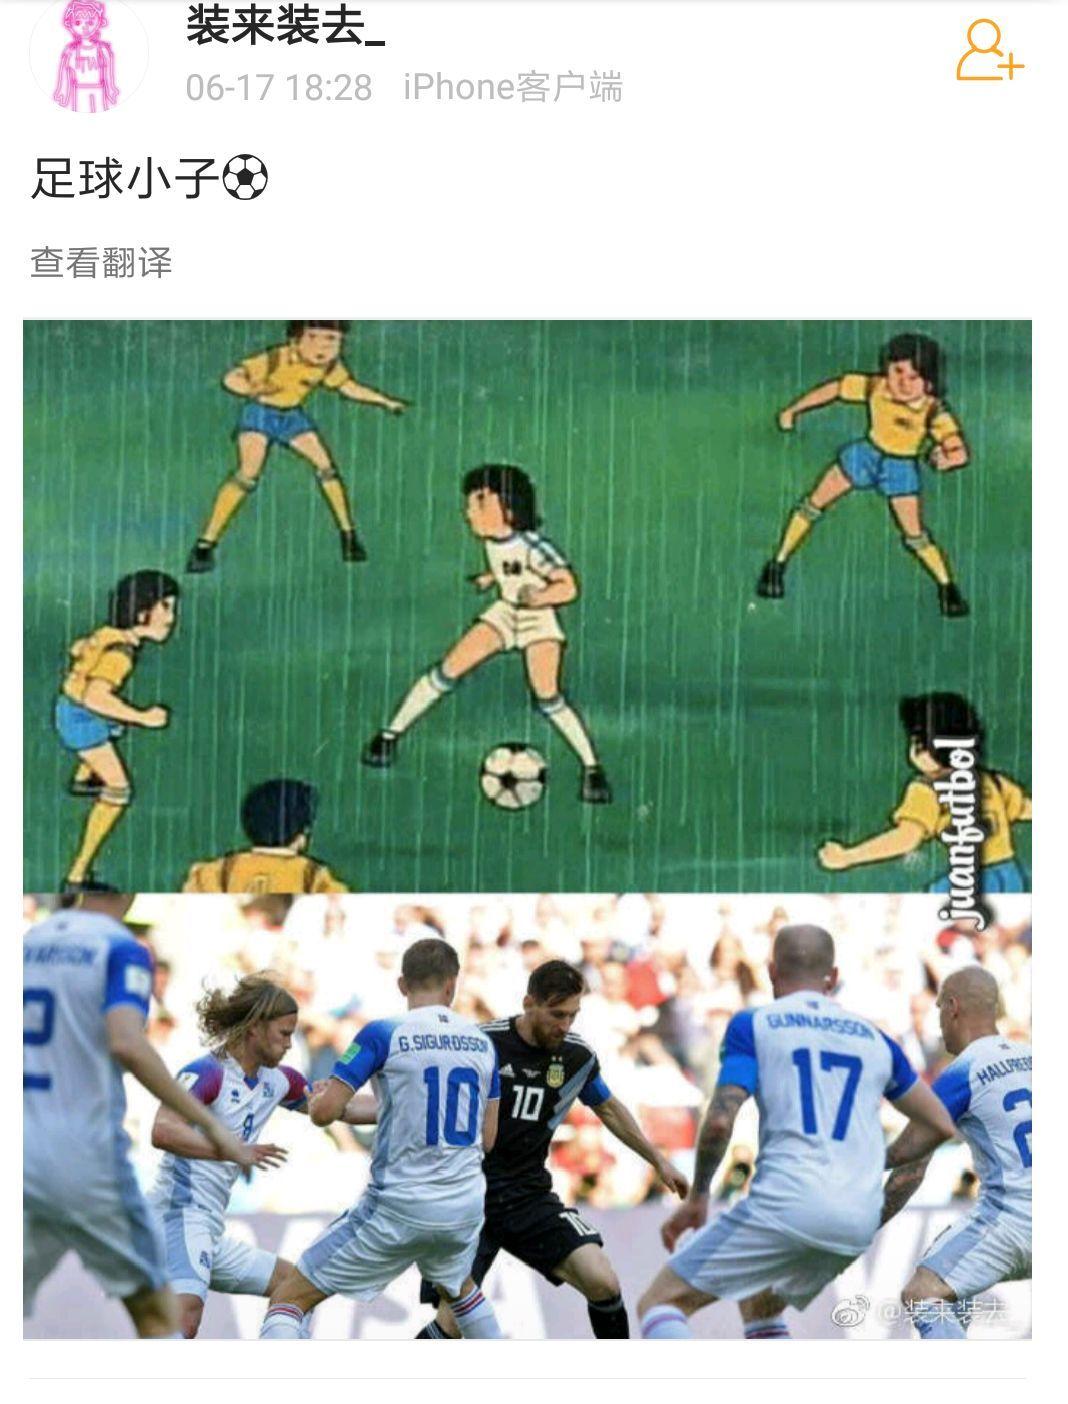 这部足球动画 让日本队踢进了世界杯的照片 - 3